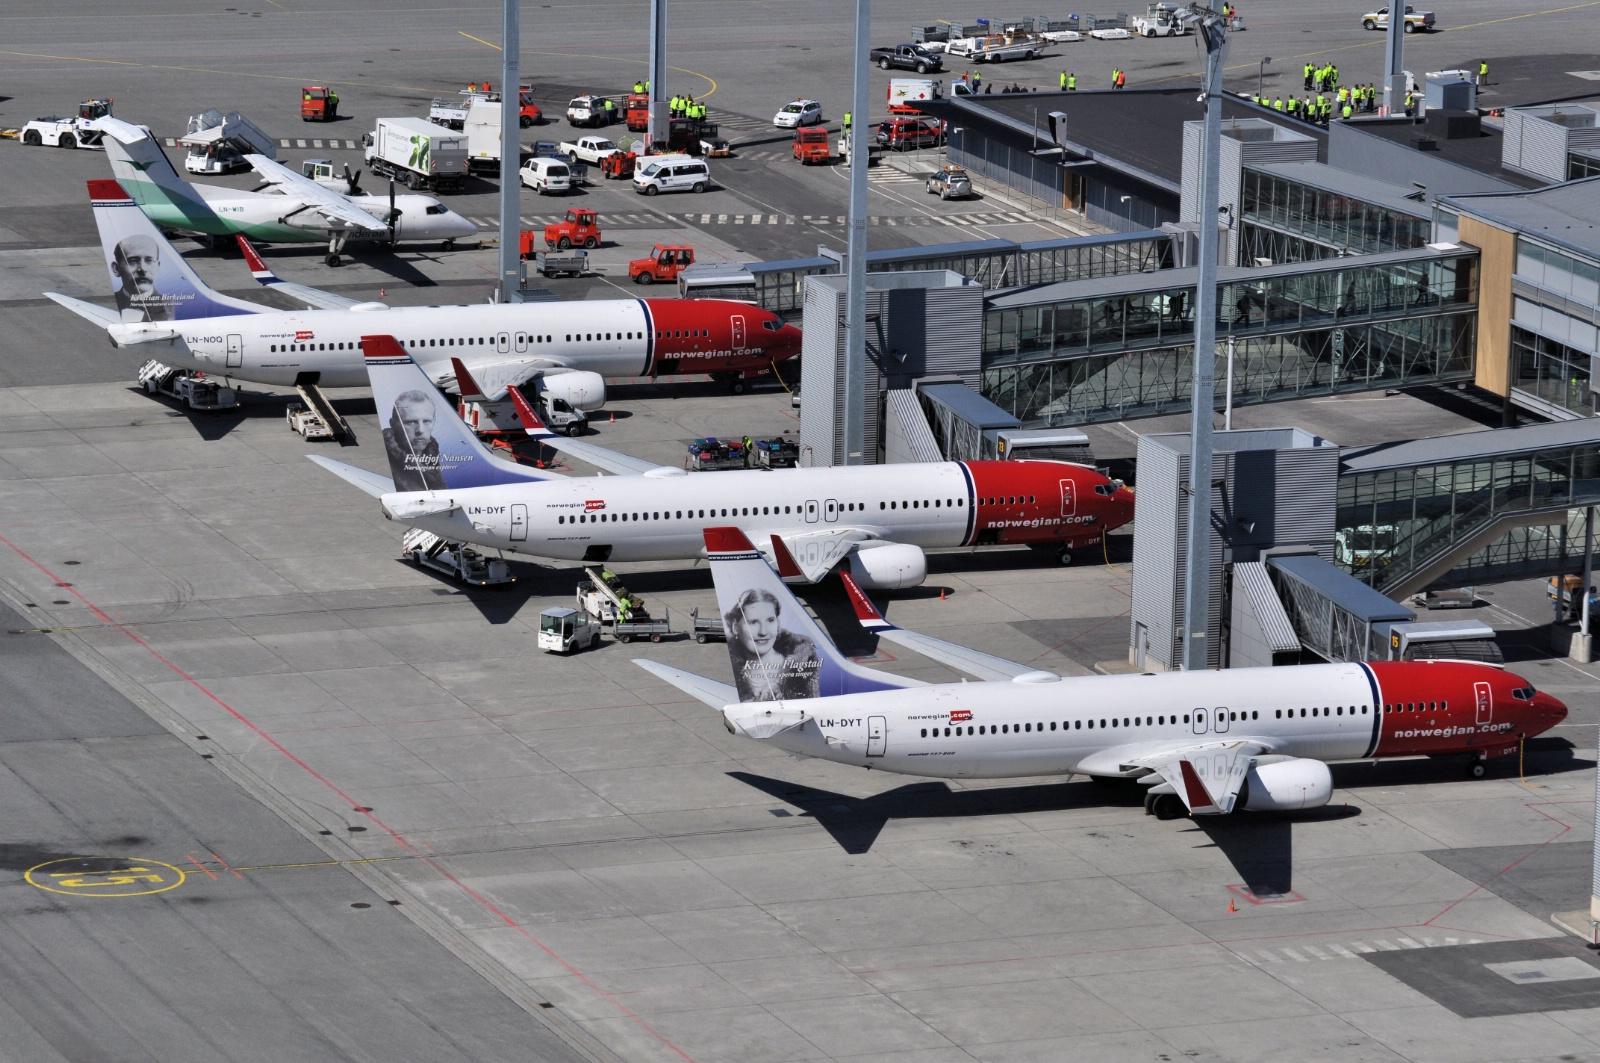 Norwegian-fly ved gate i Oslo Lufthavn. (Foto: Kristin S. Lillerud)